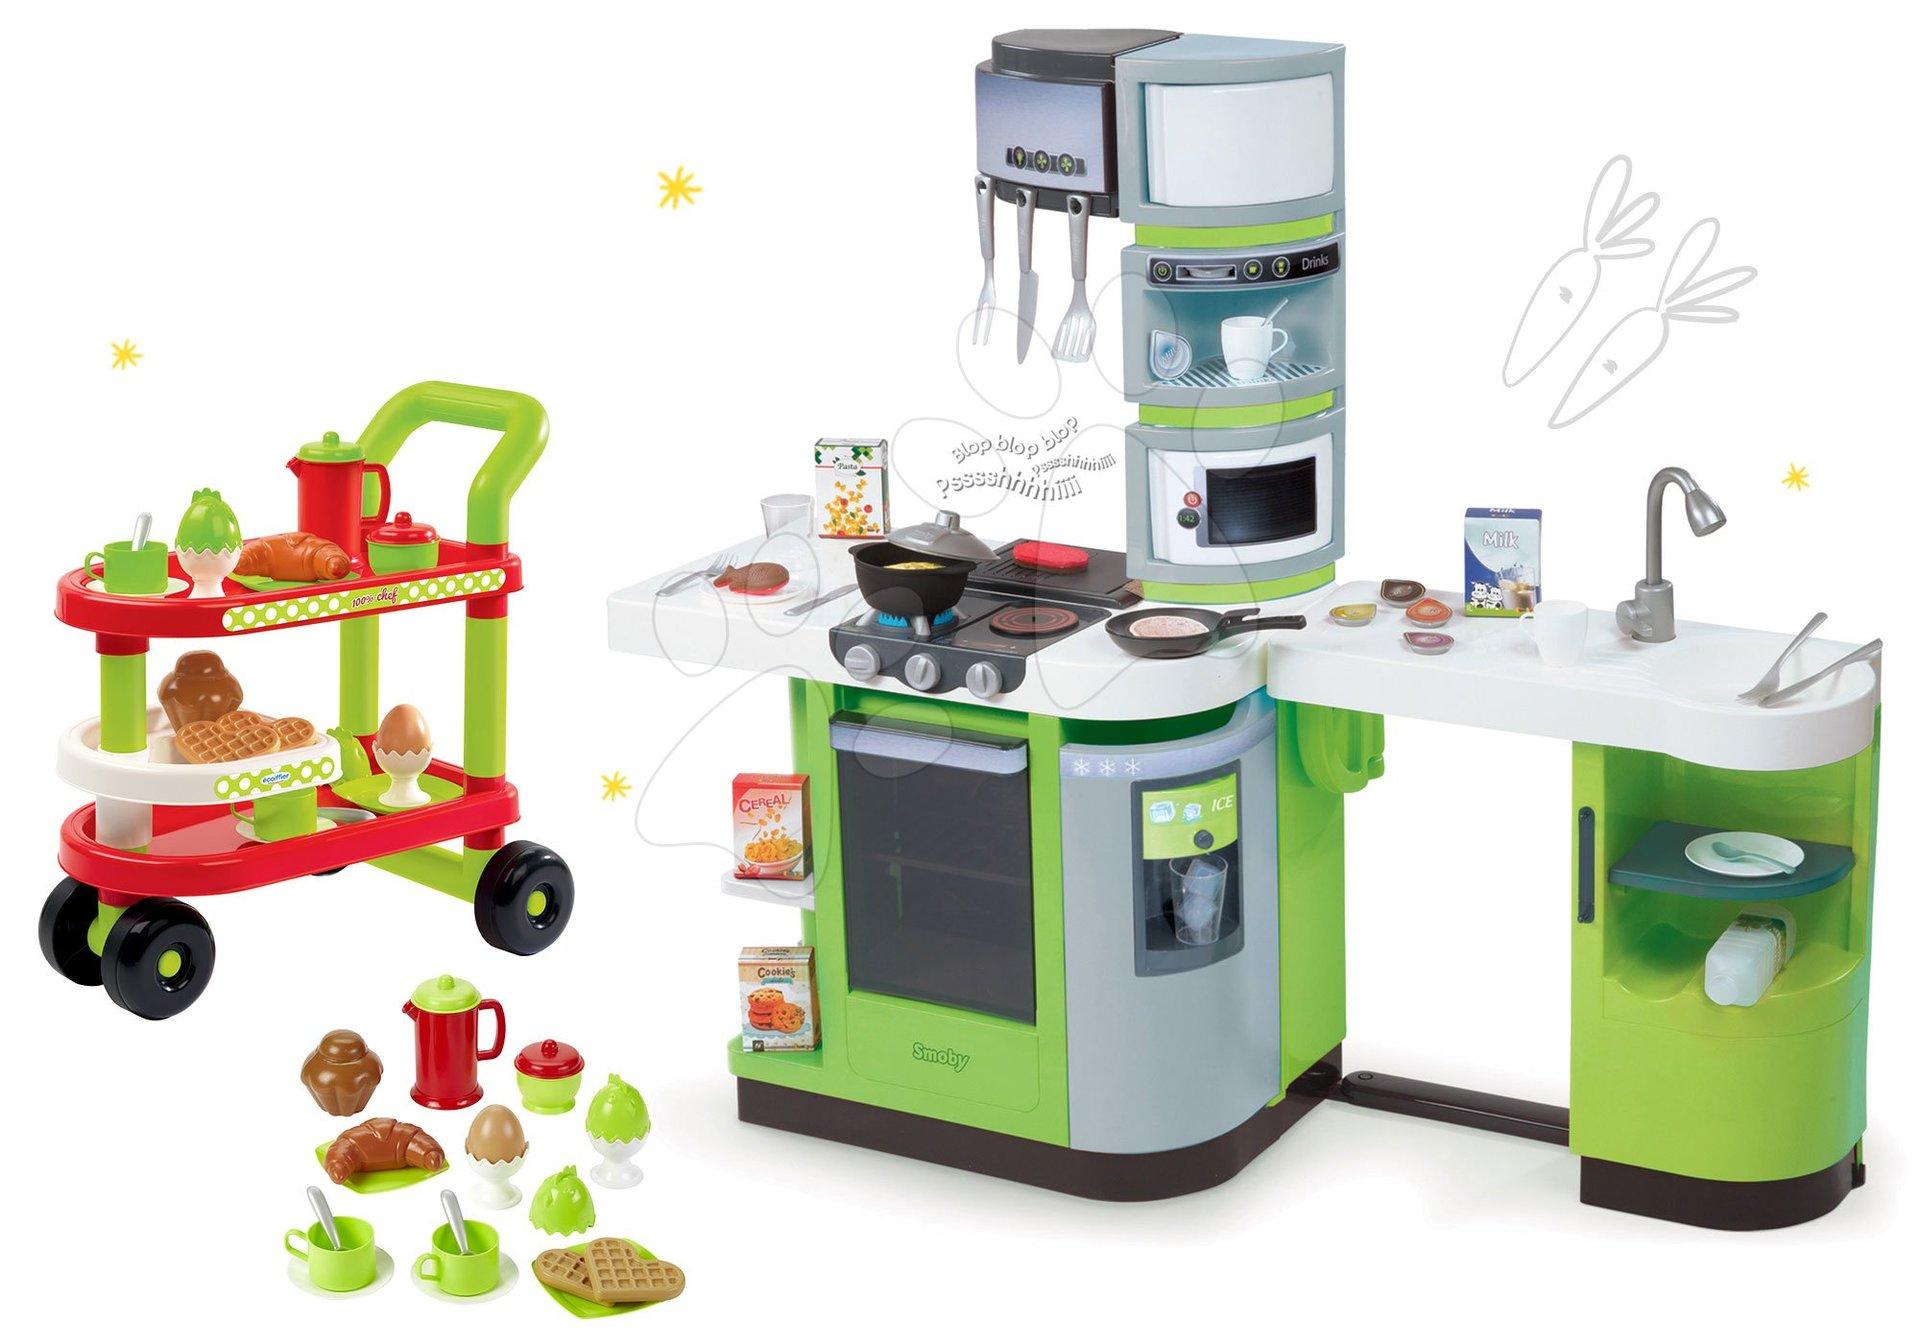 Set kuchyňka CookMaster Verte Smoby s ledem a zvuky a servírovací vozík se snídaní 100% Chef